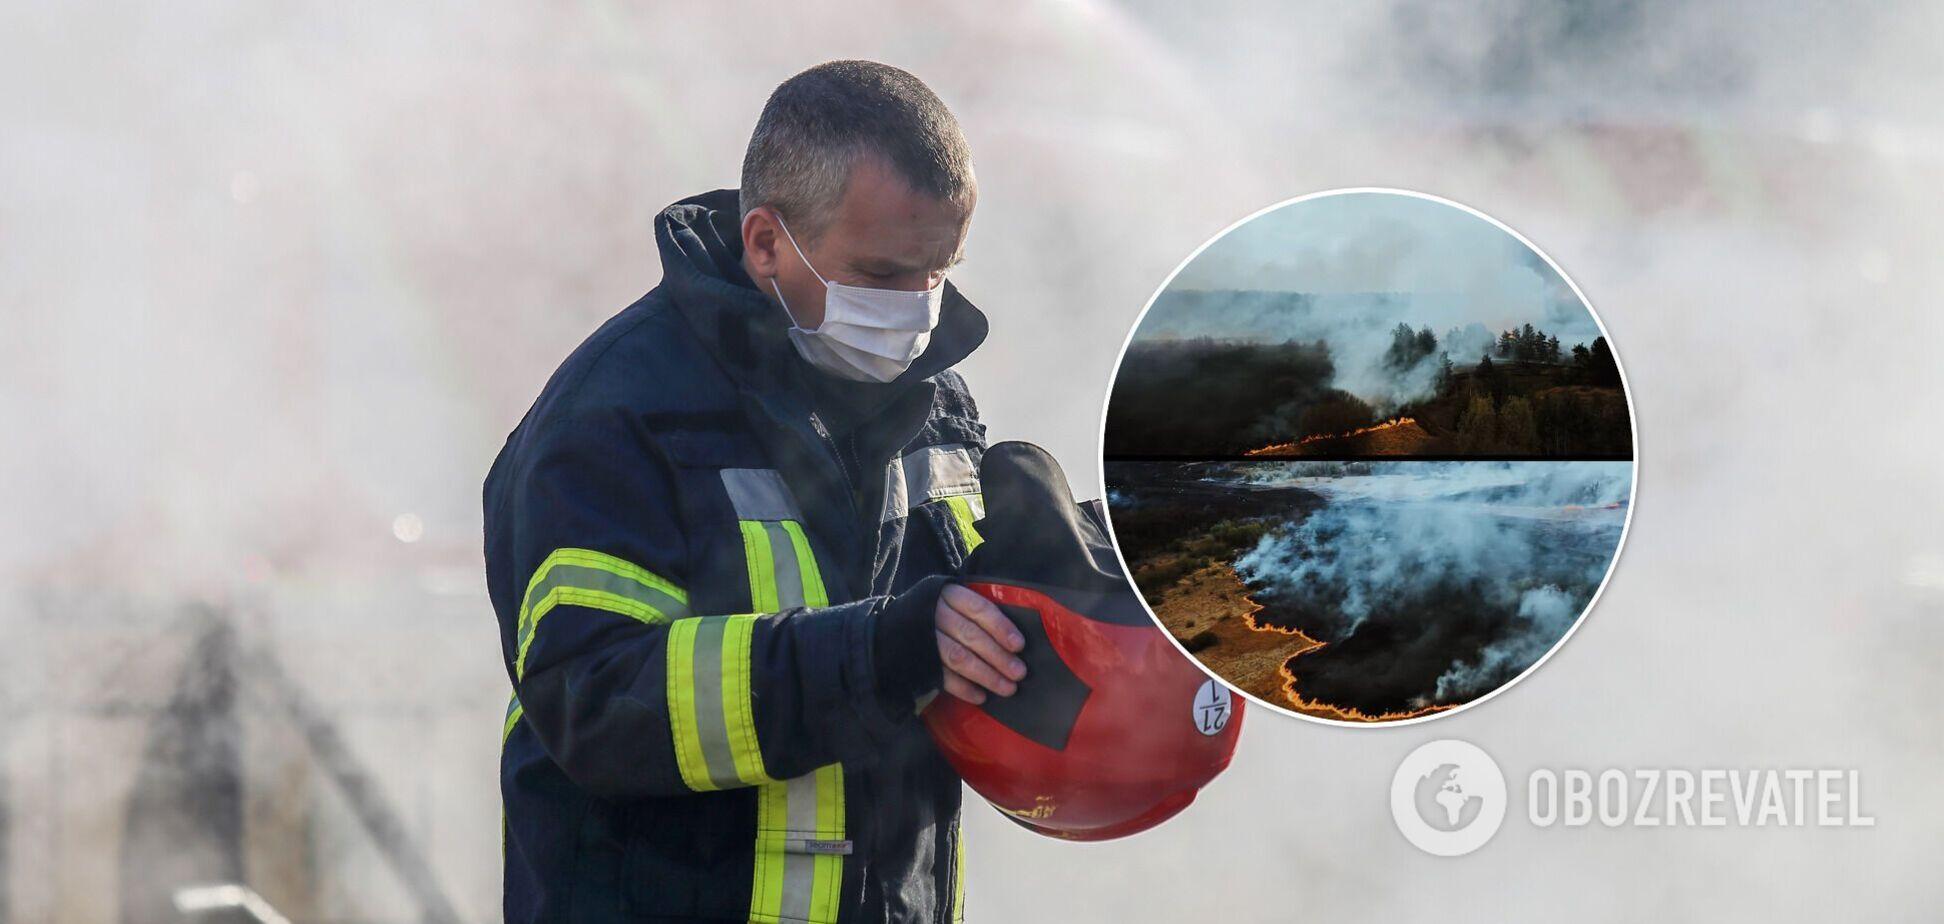 Пожарные постоянно фиксируют случаи подпала травяного настила